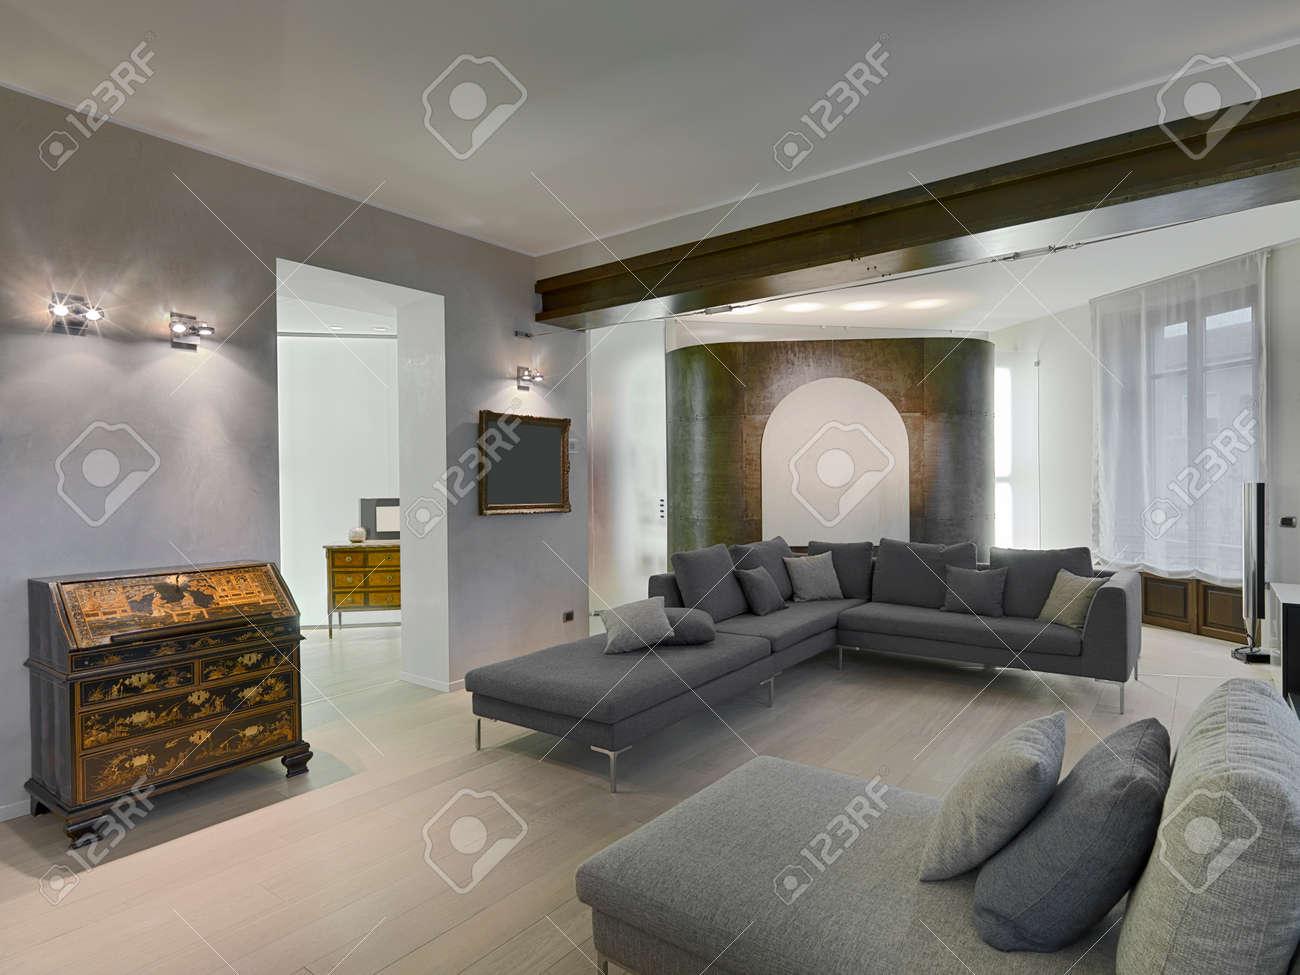 Antiken Möbeln Und Grauem Stoff Sofa Im Modernen Wohnraum Mit ...